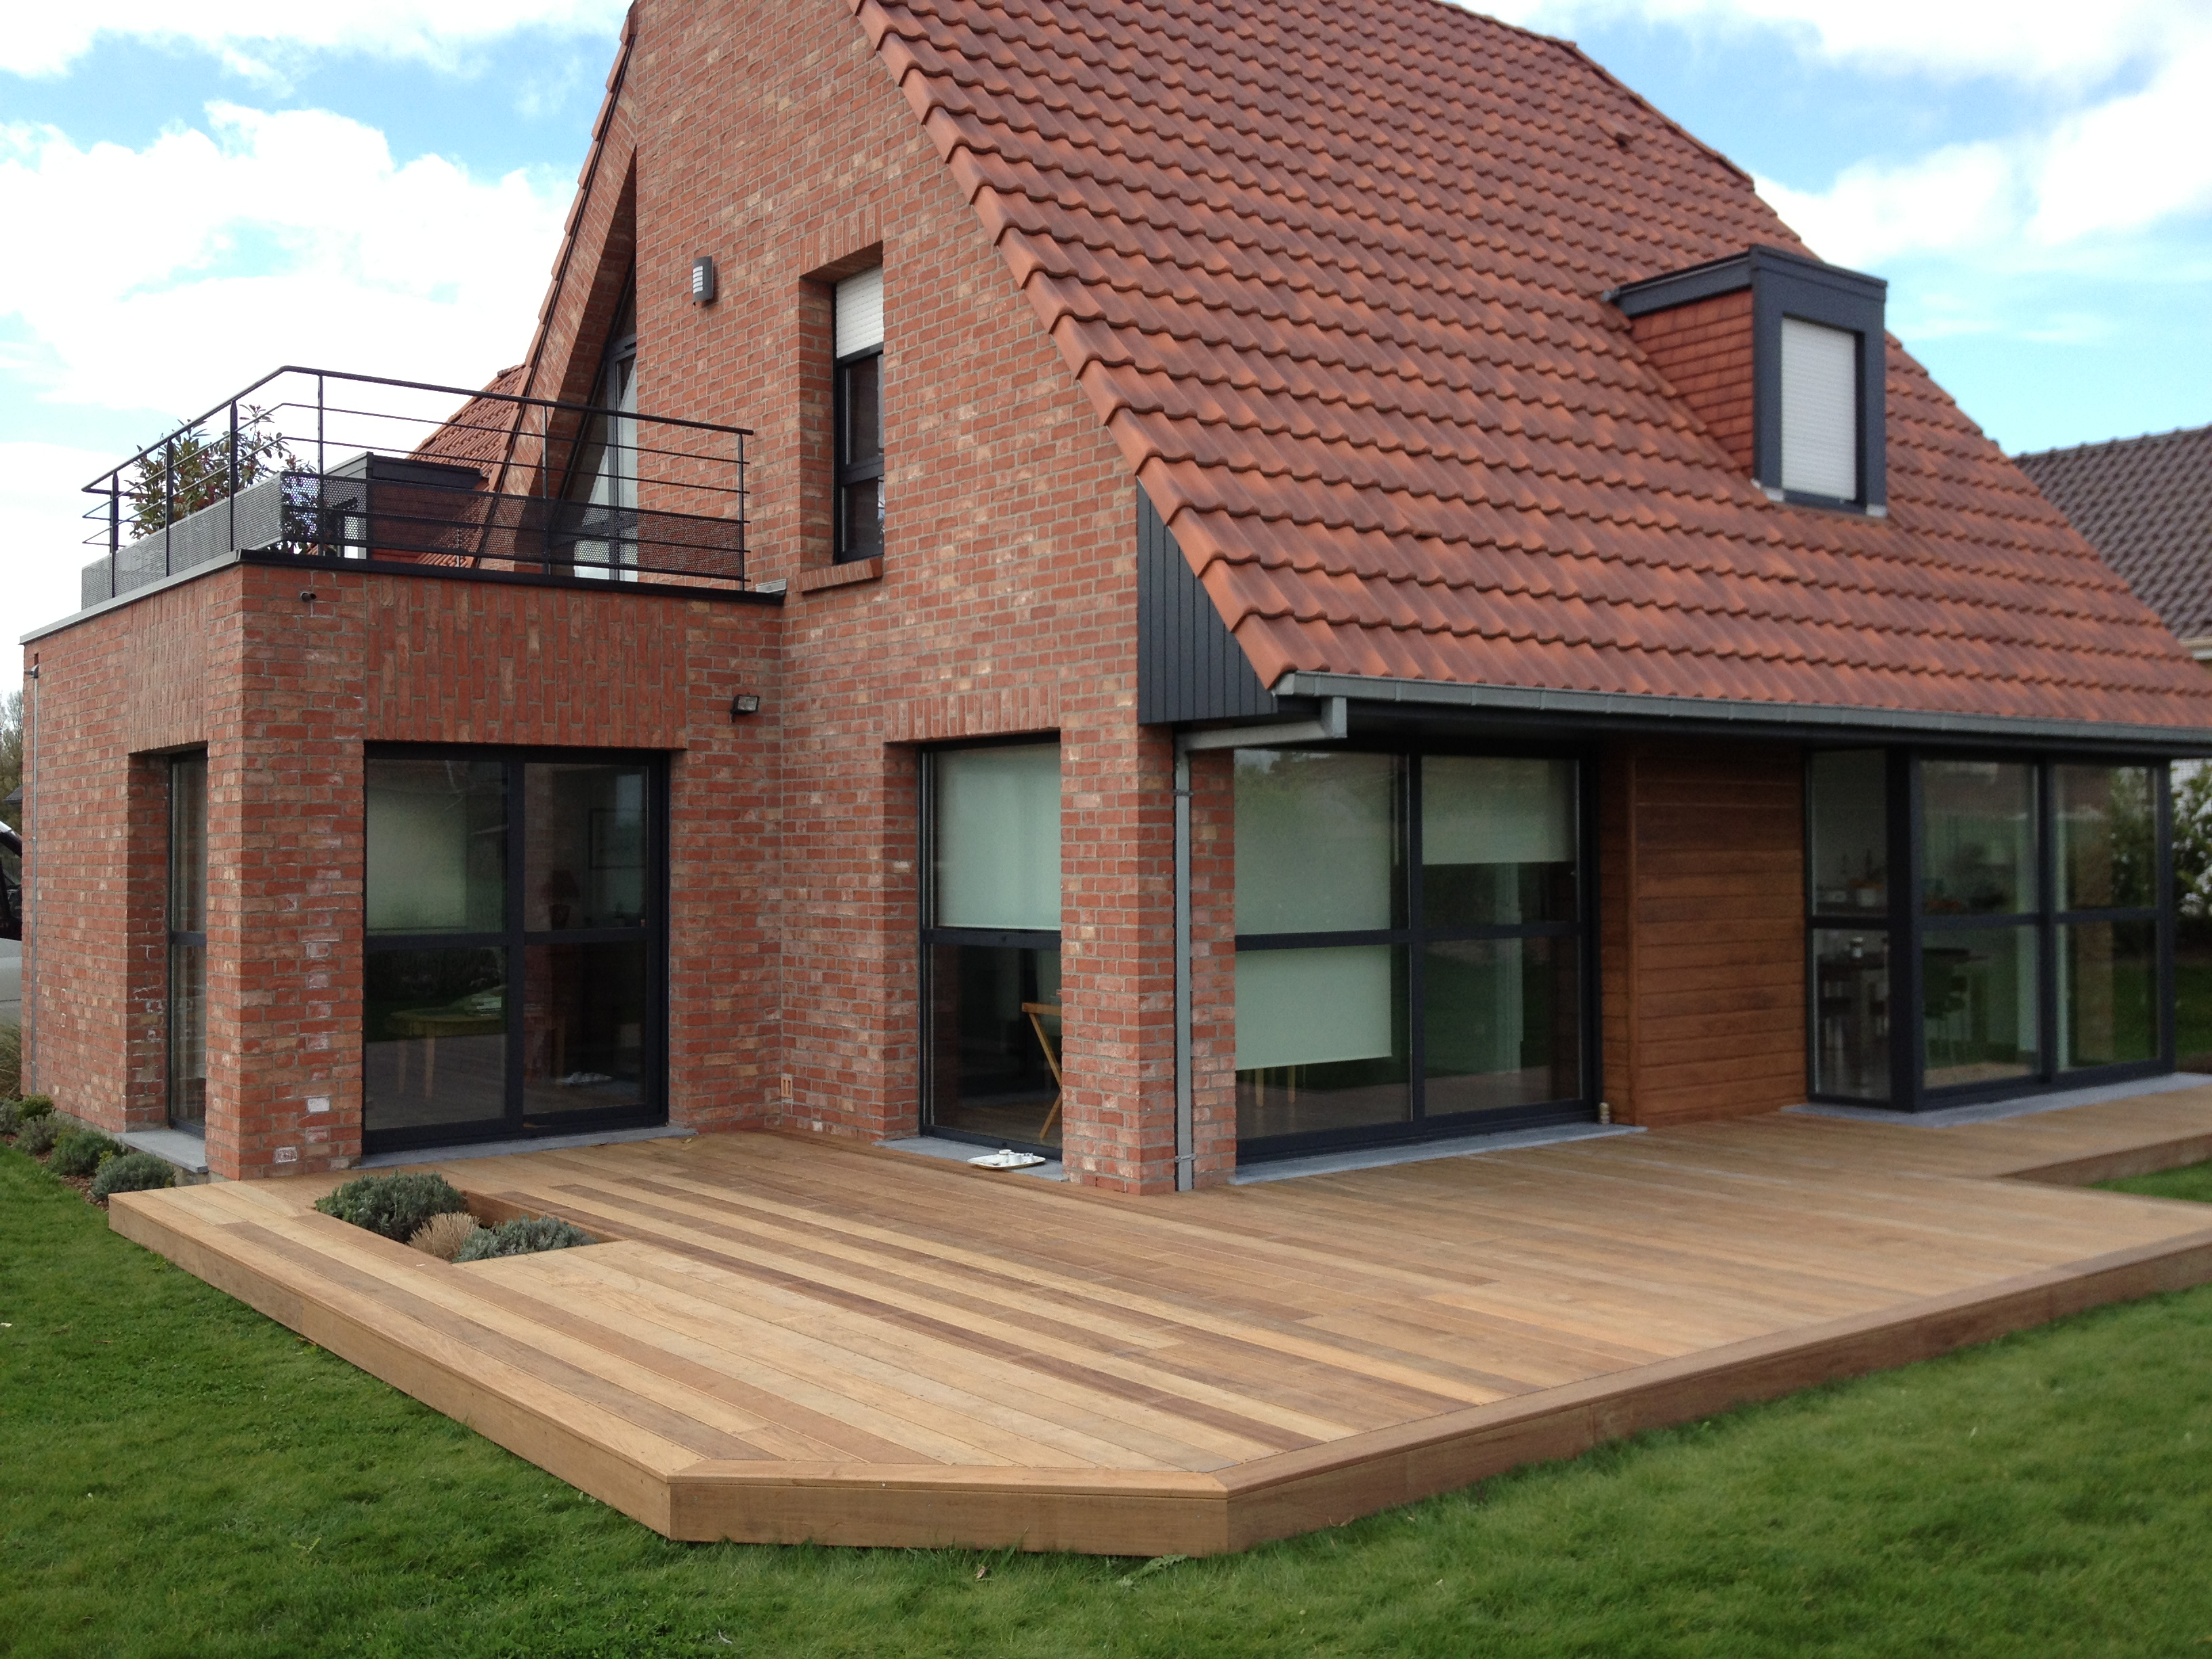 Montage abri jardin en bois destombes bois for Extension bois sur terrasse